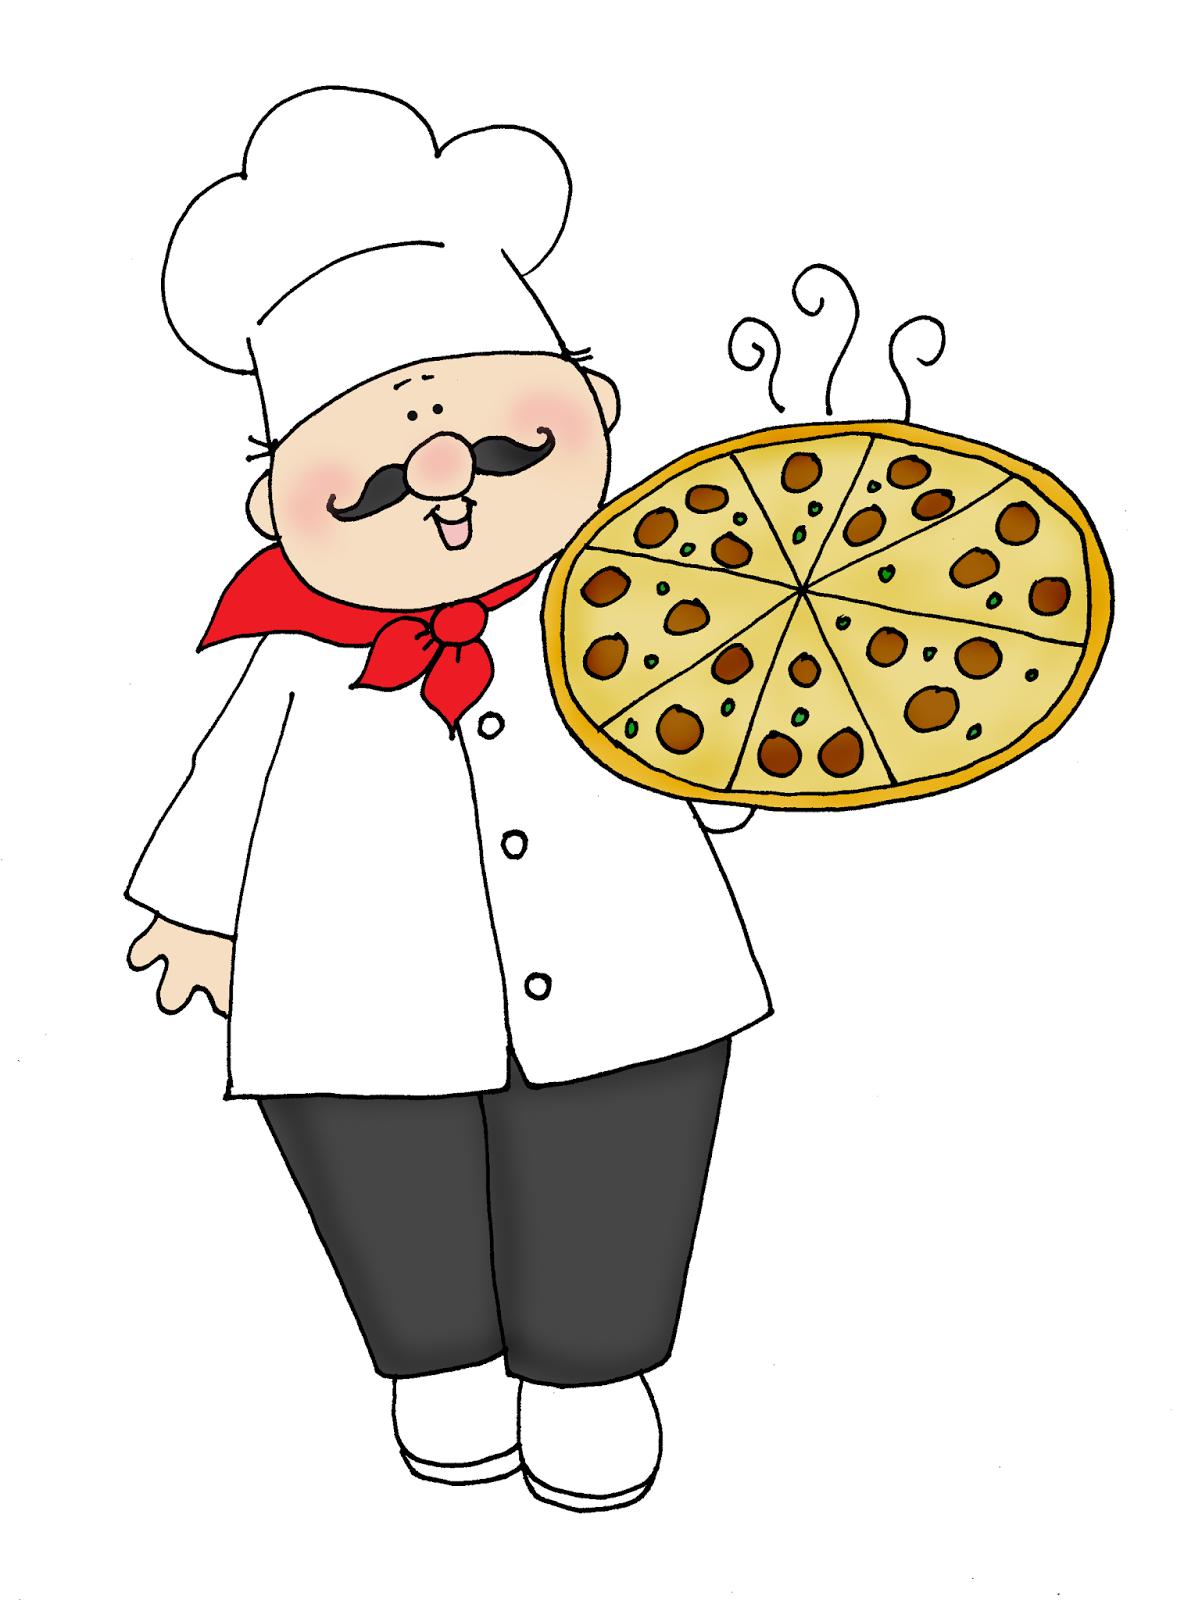 самых популярных, фото злой пиццер поваров рисунки второе нужно